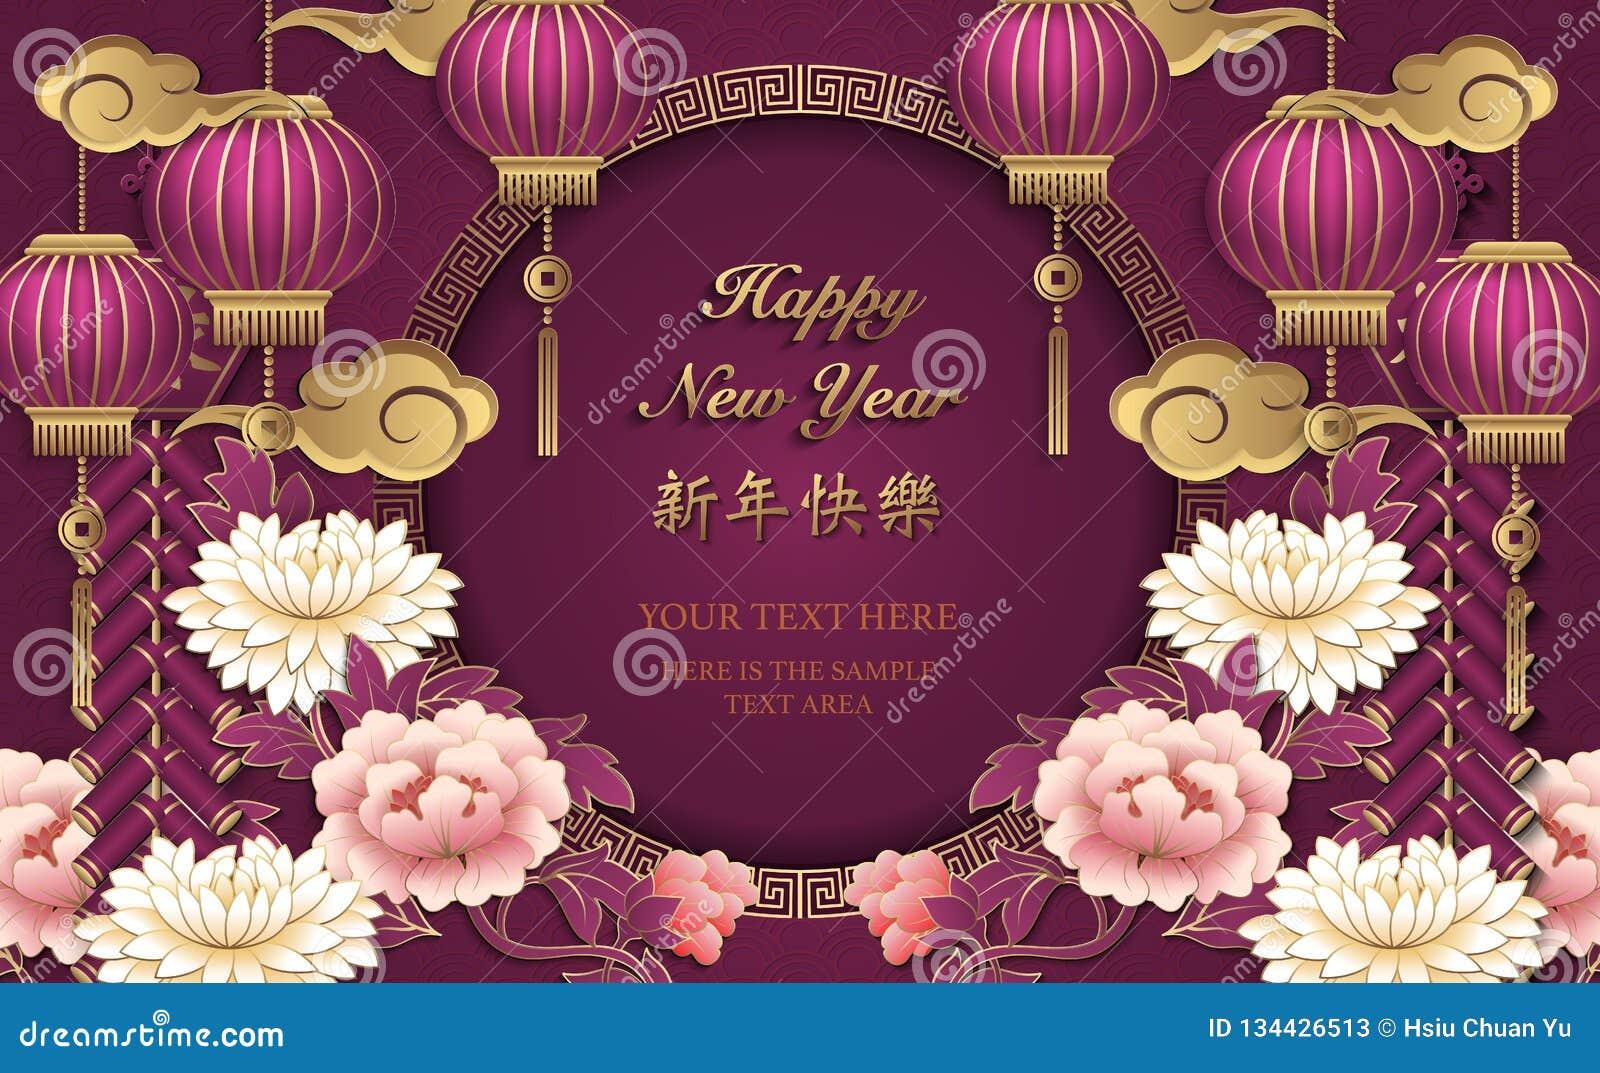 愉快的春节减速火箭的金子安心紫色桃红色牡丹花灯笼云彩爆竹和装饰圆的框架